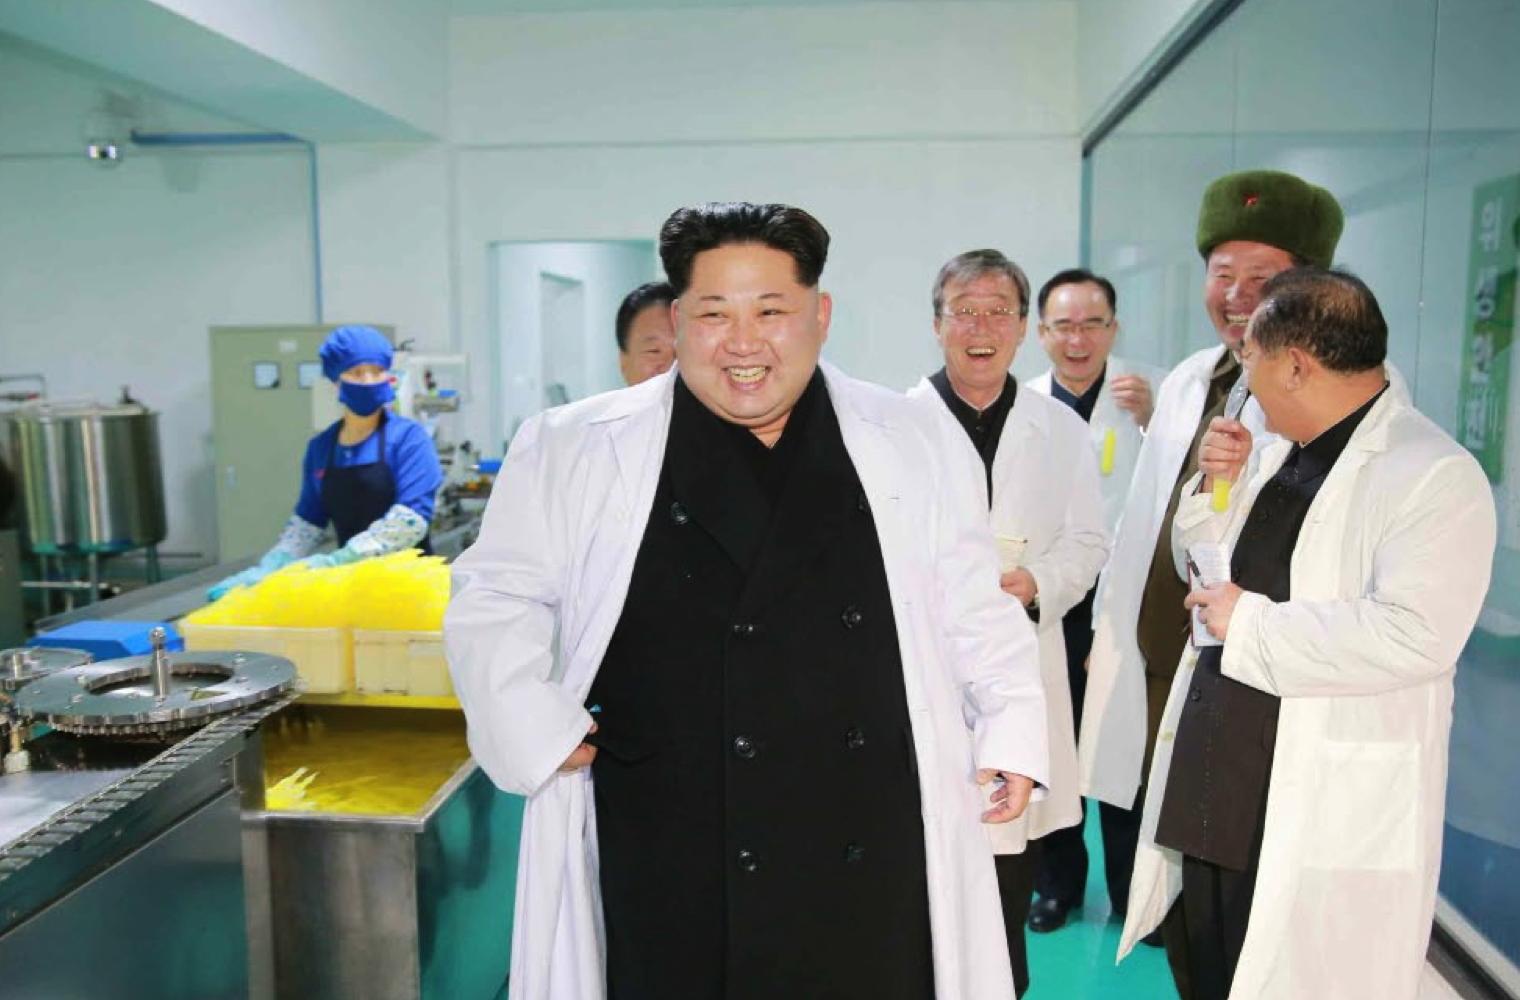 Kim Jong Un tours Ku'mkop General Foodstuff Factory (Photo: Rodong Sinmun/KCNA).